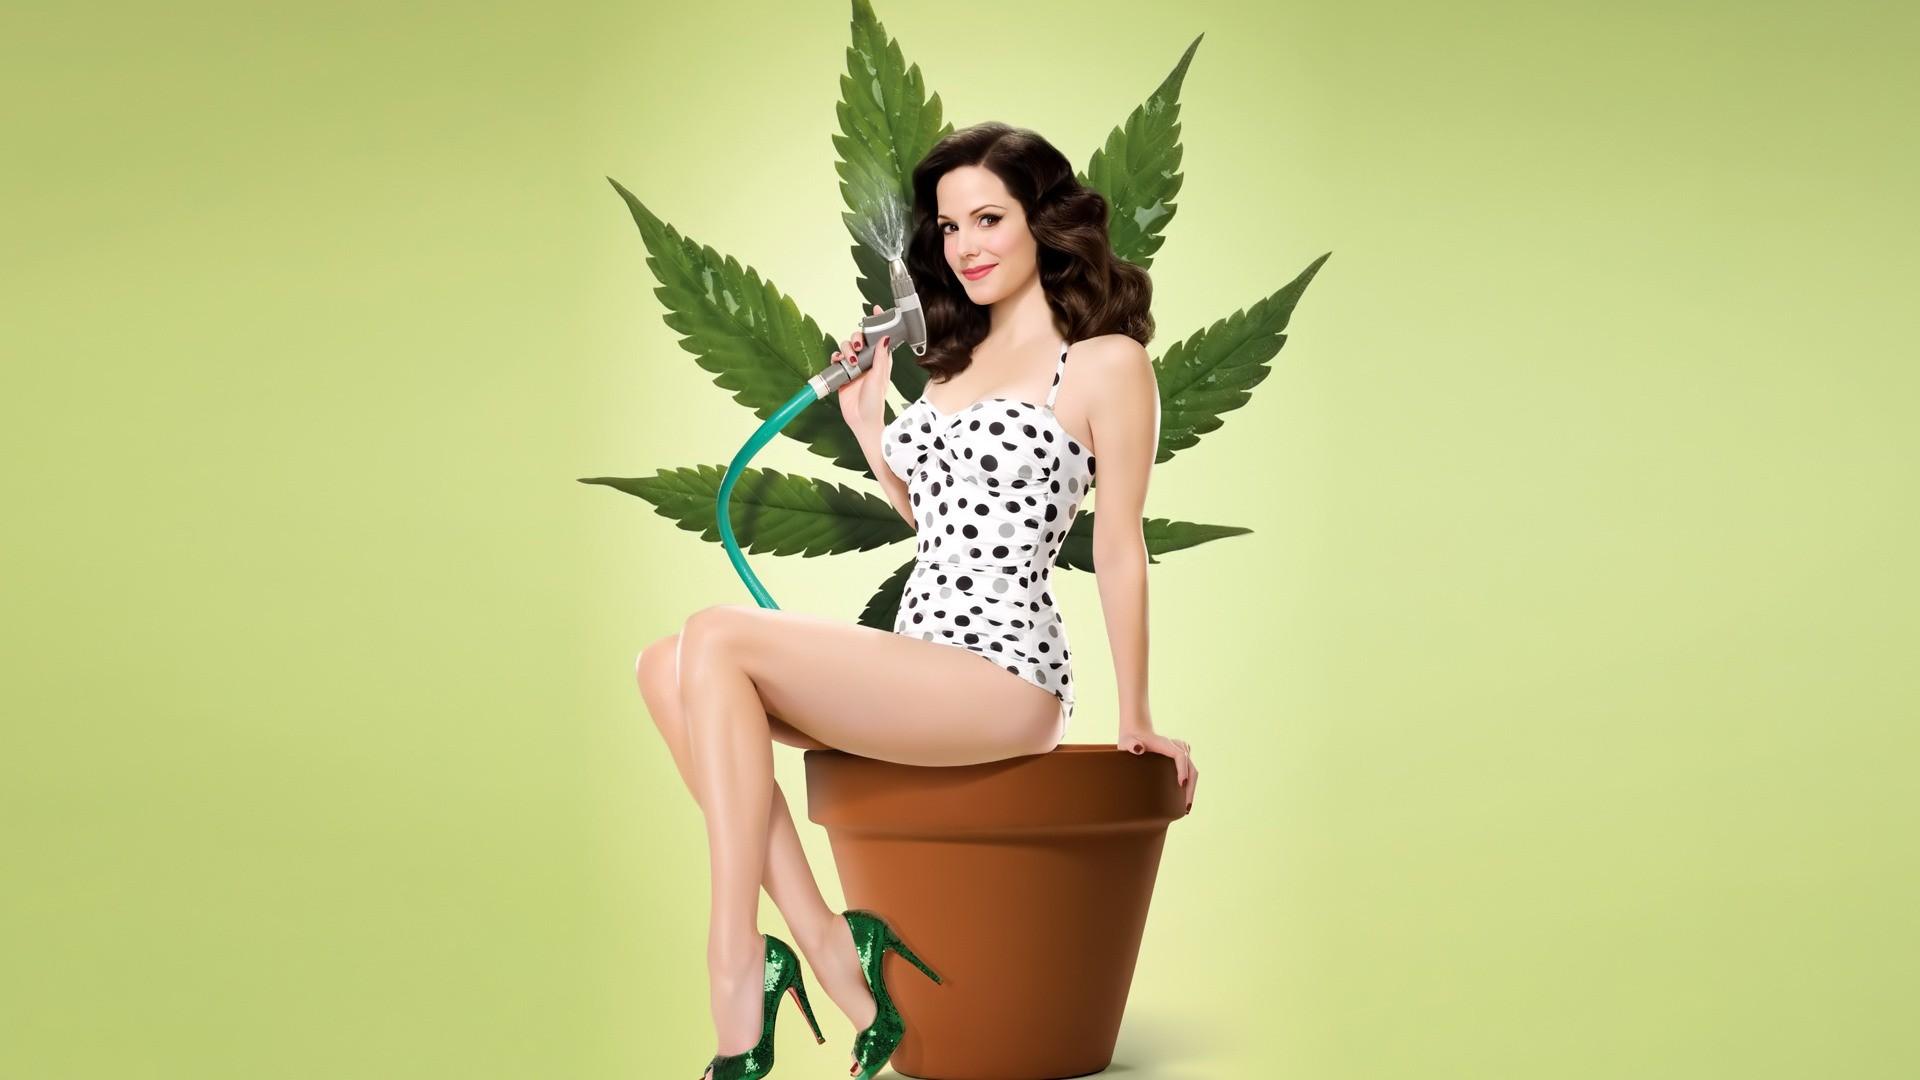 Девушка и марихуана, скачать фото, конопля, wallpaper, обои на рабочий стол